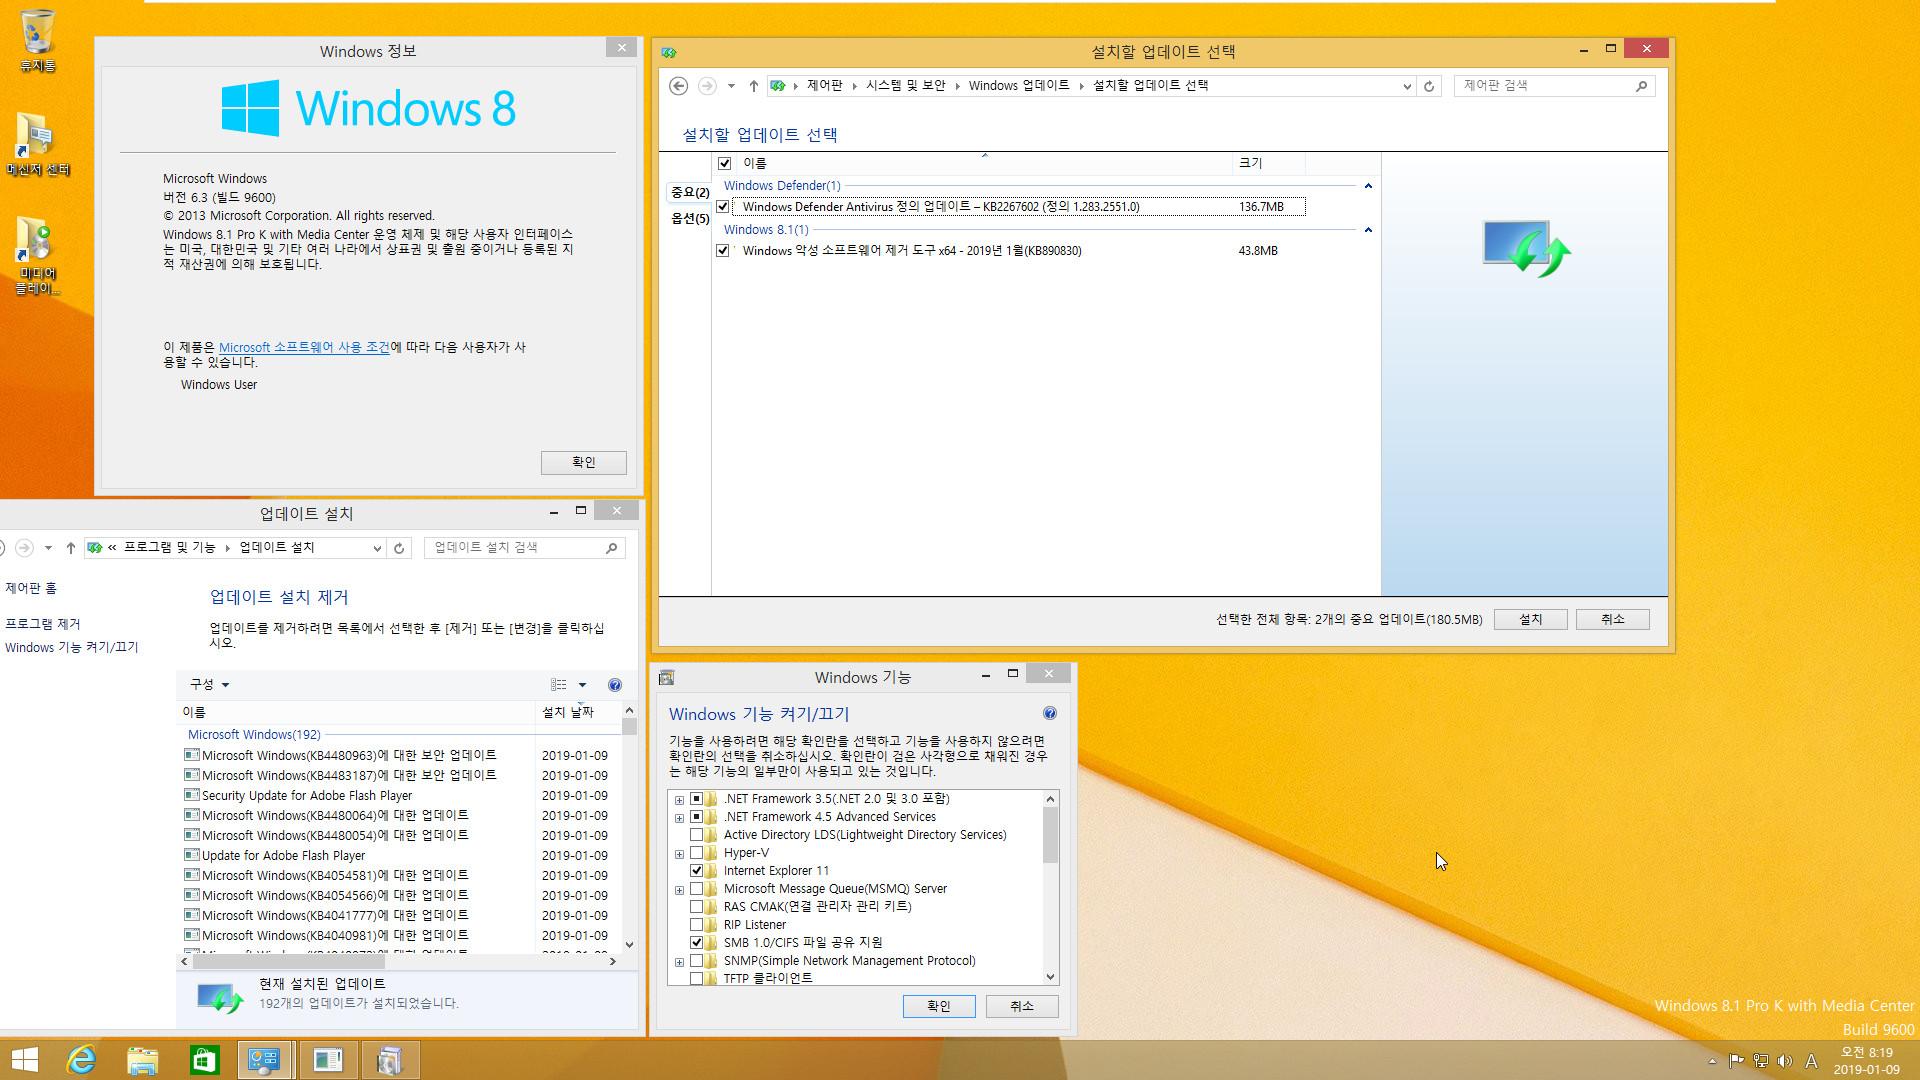 2019년 1월 9일 정기 업데이트 나왔네요 - Windows 8.1 롤업 업데이트 KB4480963 (OS 빌드 9600.19235) 통합중 입니다 2019-01-09_081957.jpg